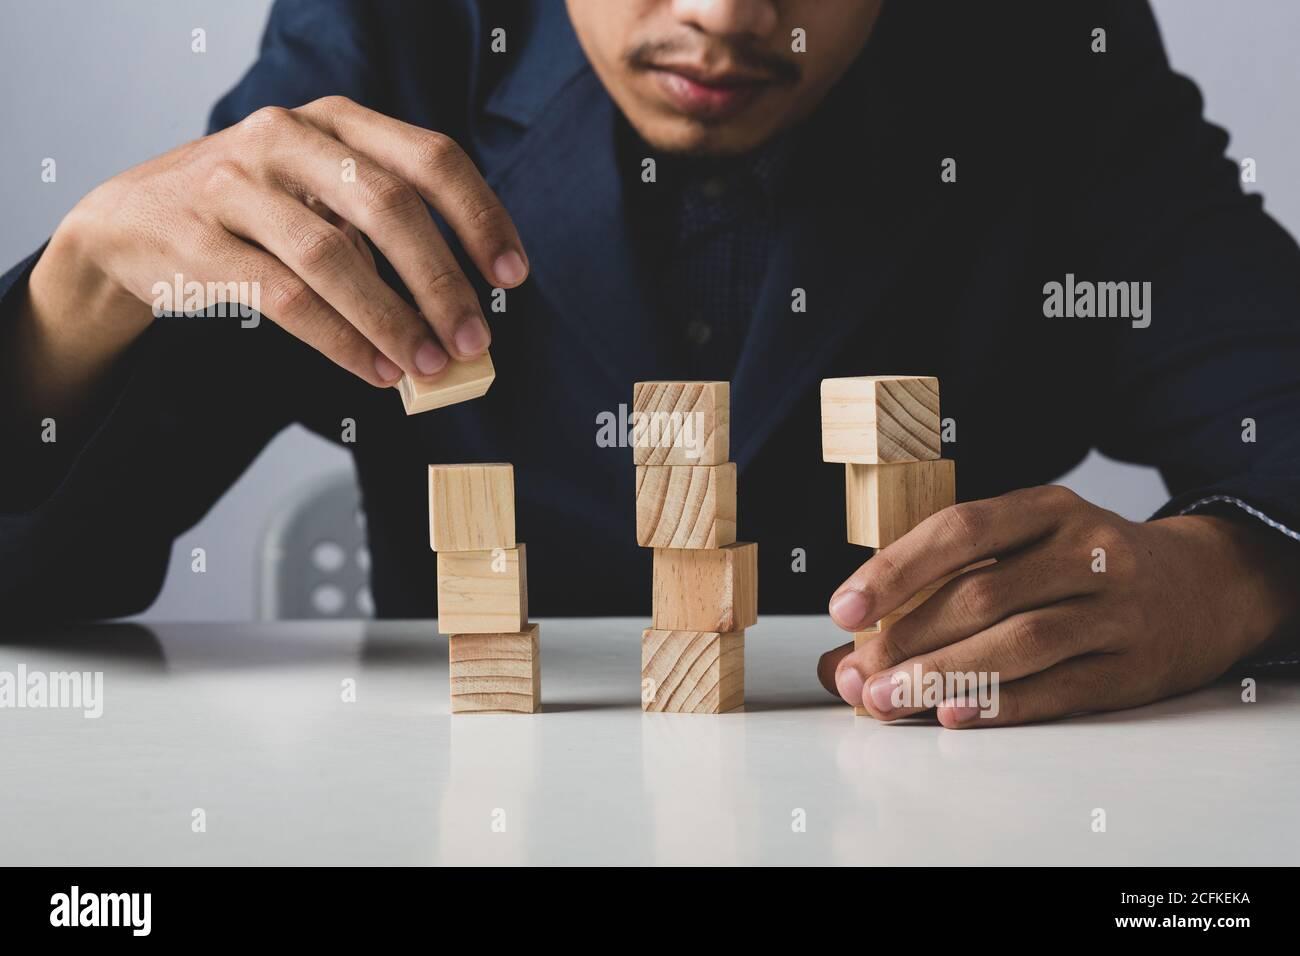 Mani di imprenditore uomo d'affari che tiene blocchi di legno che mettono ad una struttura, concetto di lavoro di squadra, strategia, lavoro professionale di manager per executiv Foto Stock